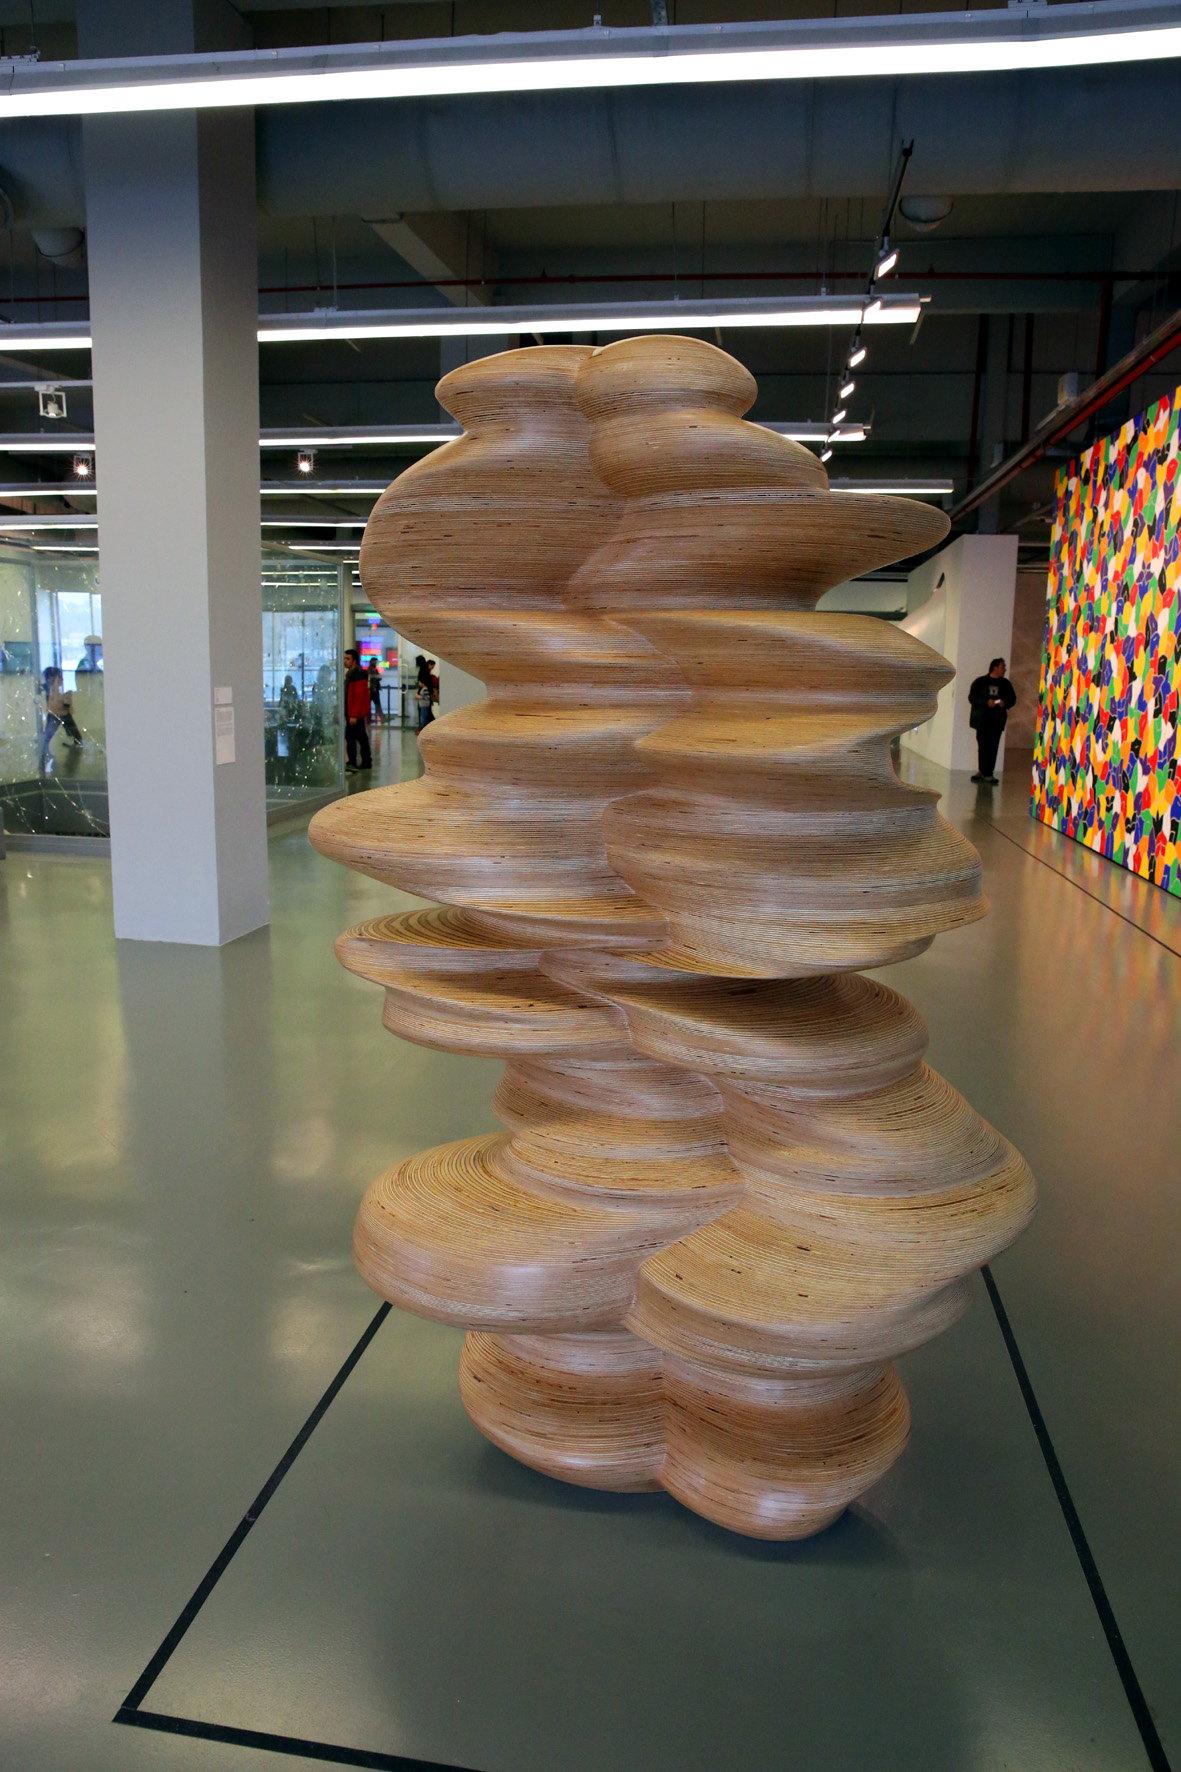 真心感觉不错,尤其是赶上里面的一个土耳其当代艺术家的回顾展。比较让我意外的是,土耳其的这个艺术馆内部设施与展馆理念已经与西南北欧国家接轨。衣帽间服务与卢浮宫、普拉多美术馆并无区别。馆藏作品居然有当代国际大师级人物的雕塑,这点让我有些意外~!!!!馆内艺术作品介绍文字翔实,各种装置 影像 新媒体艺术都有,点个赞~!!!